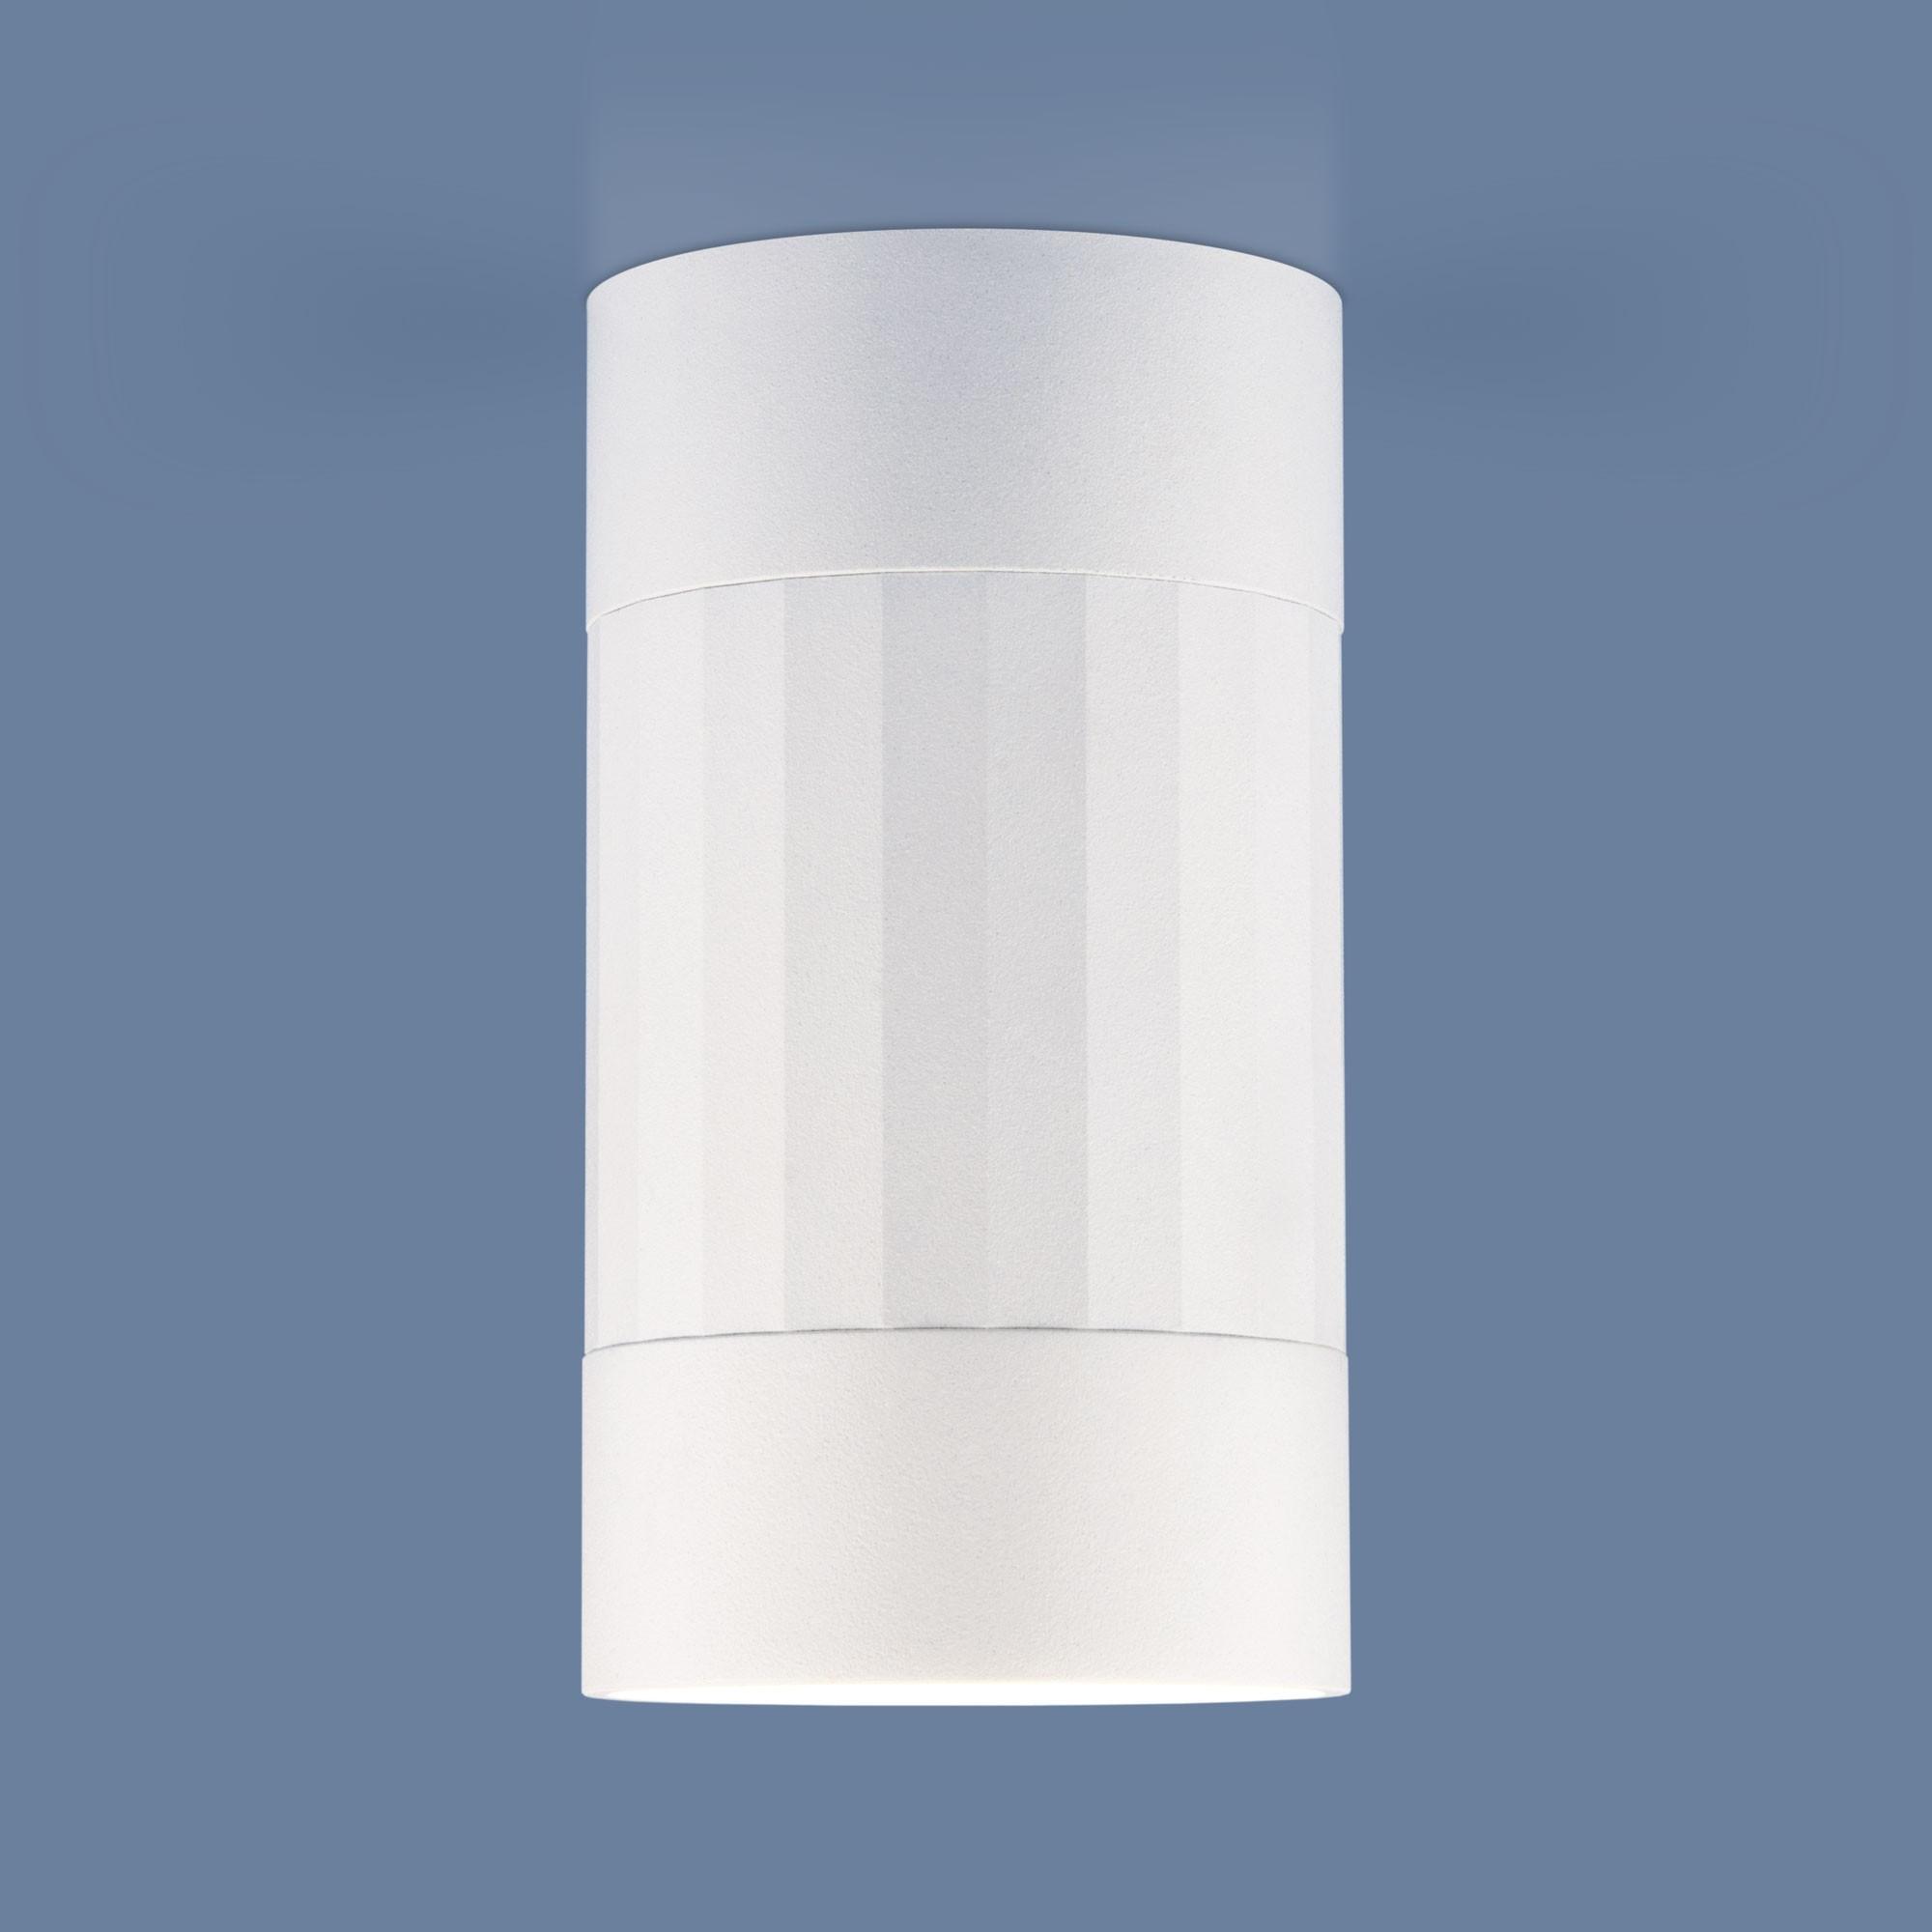 DLN111 GU10 белый